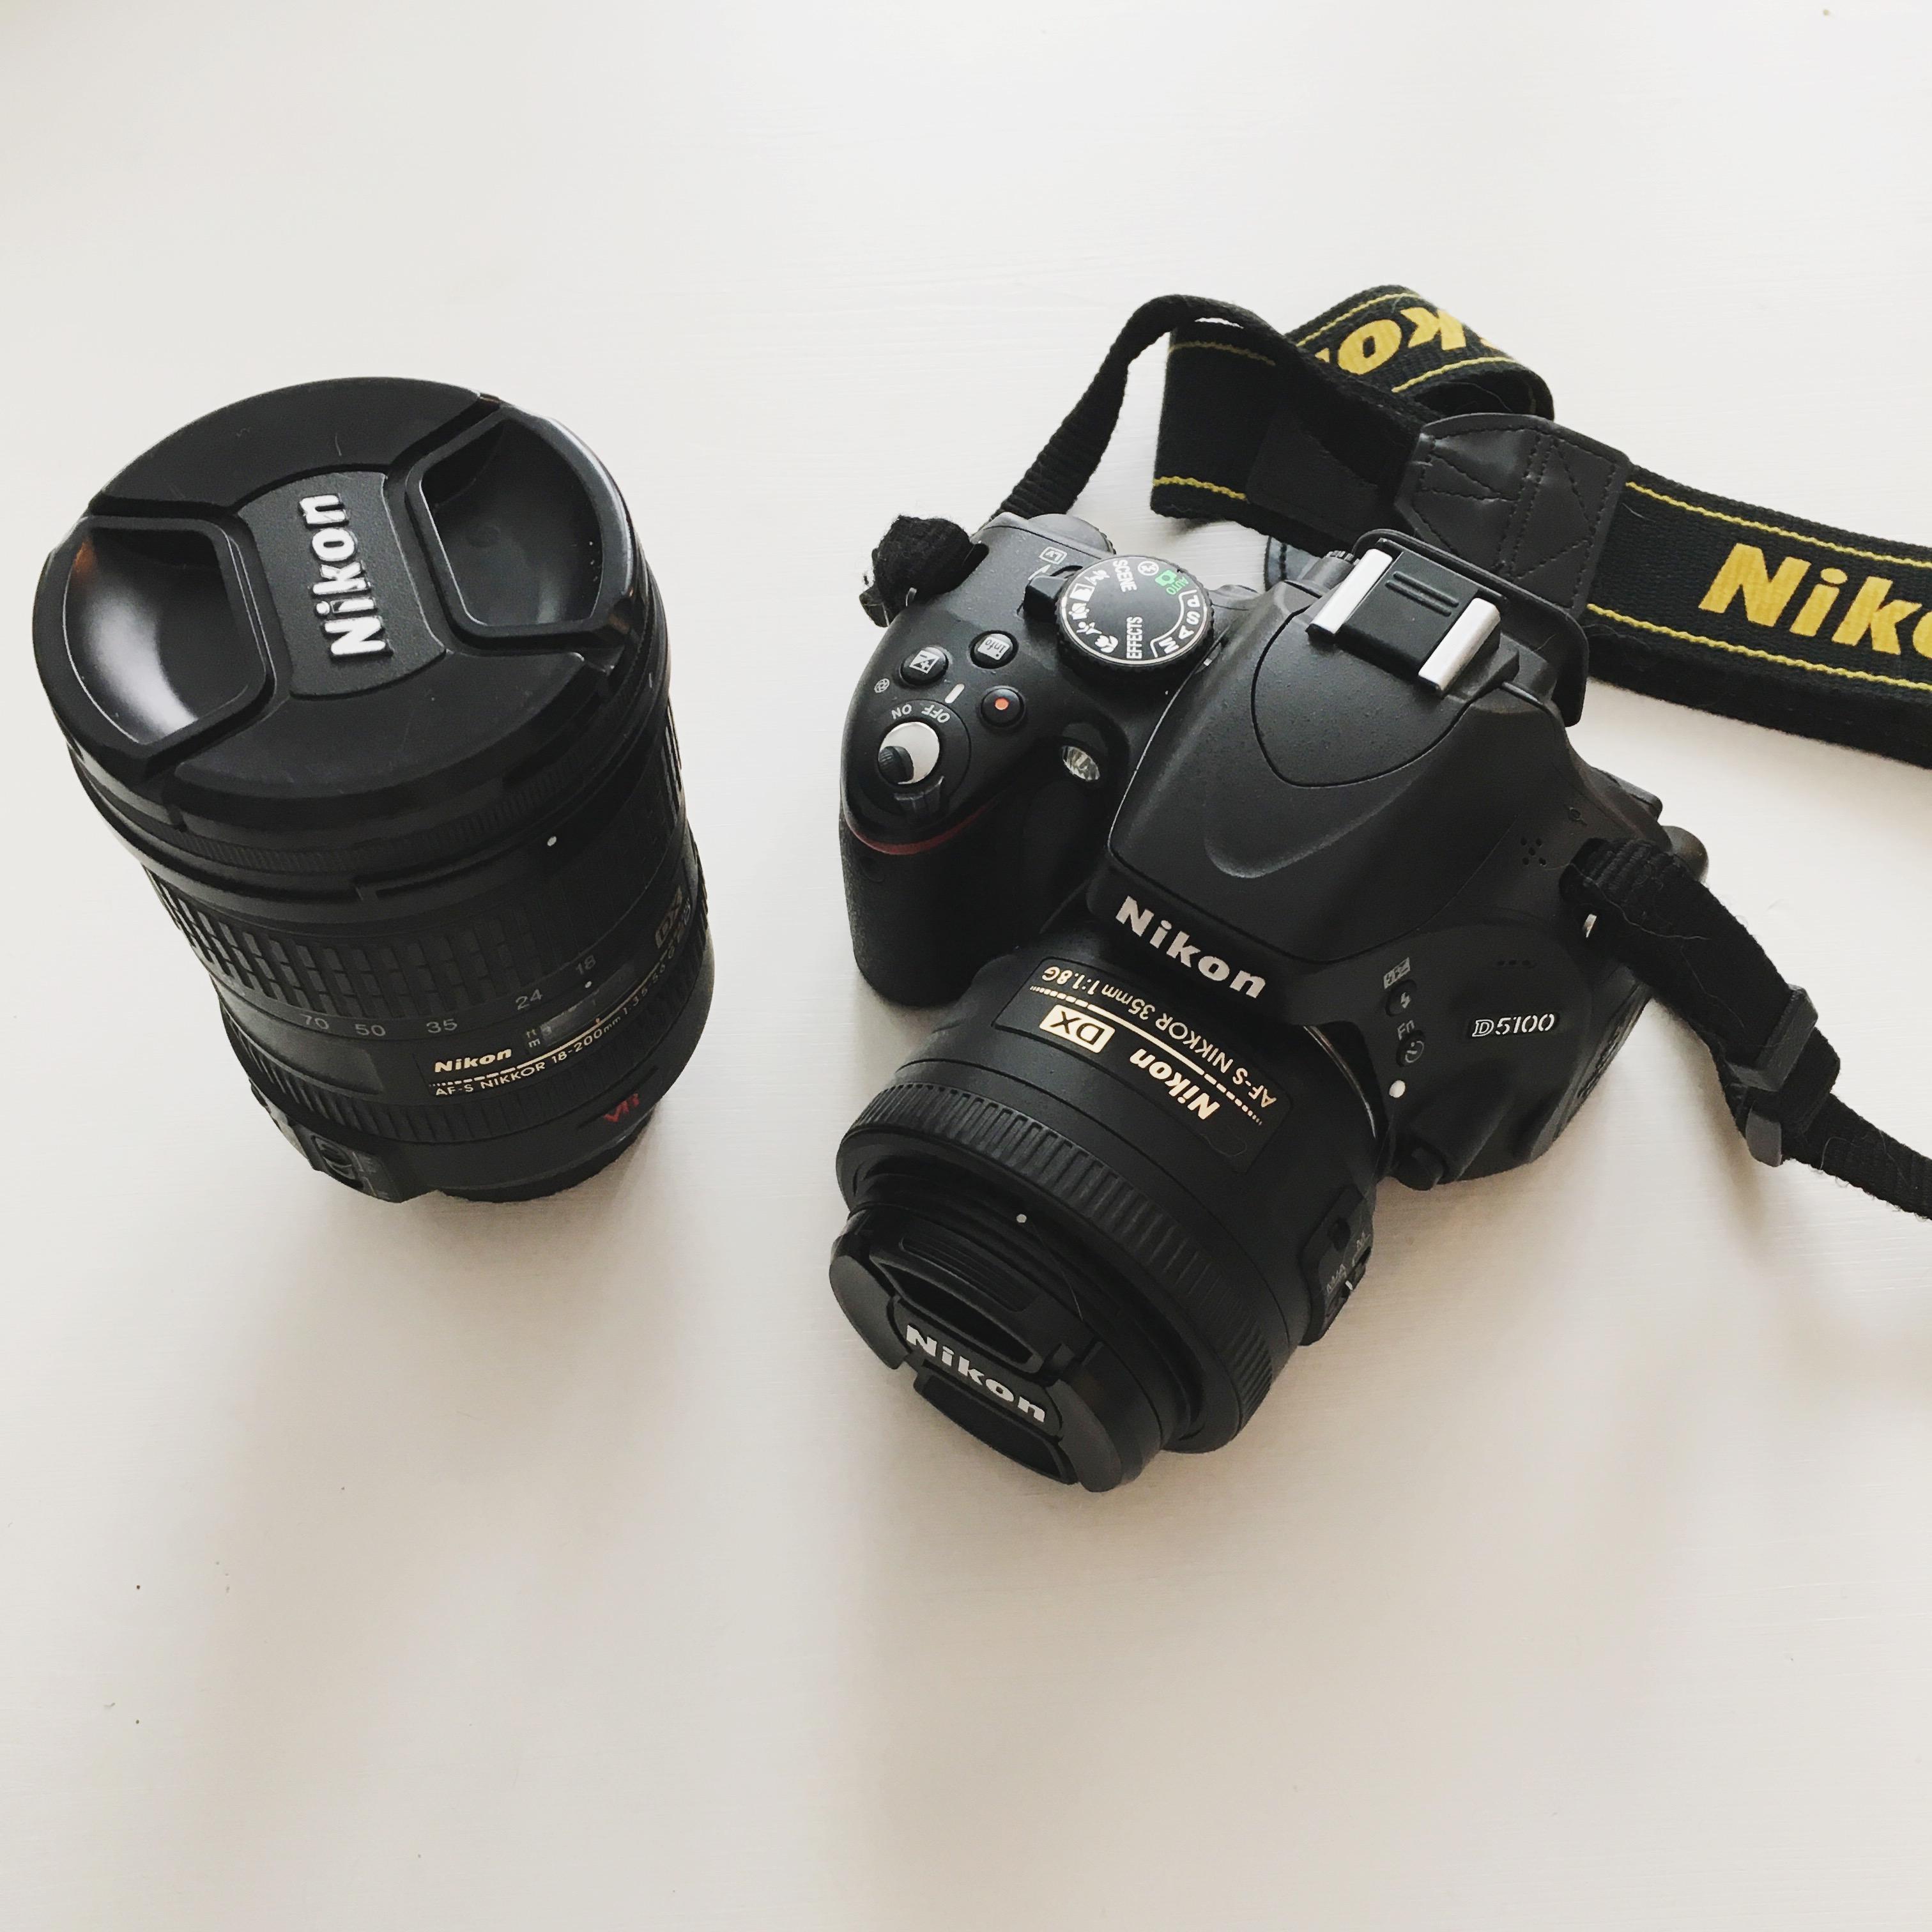 Interieurfotografie met een digitale spiegelreflex camera